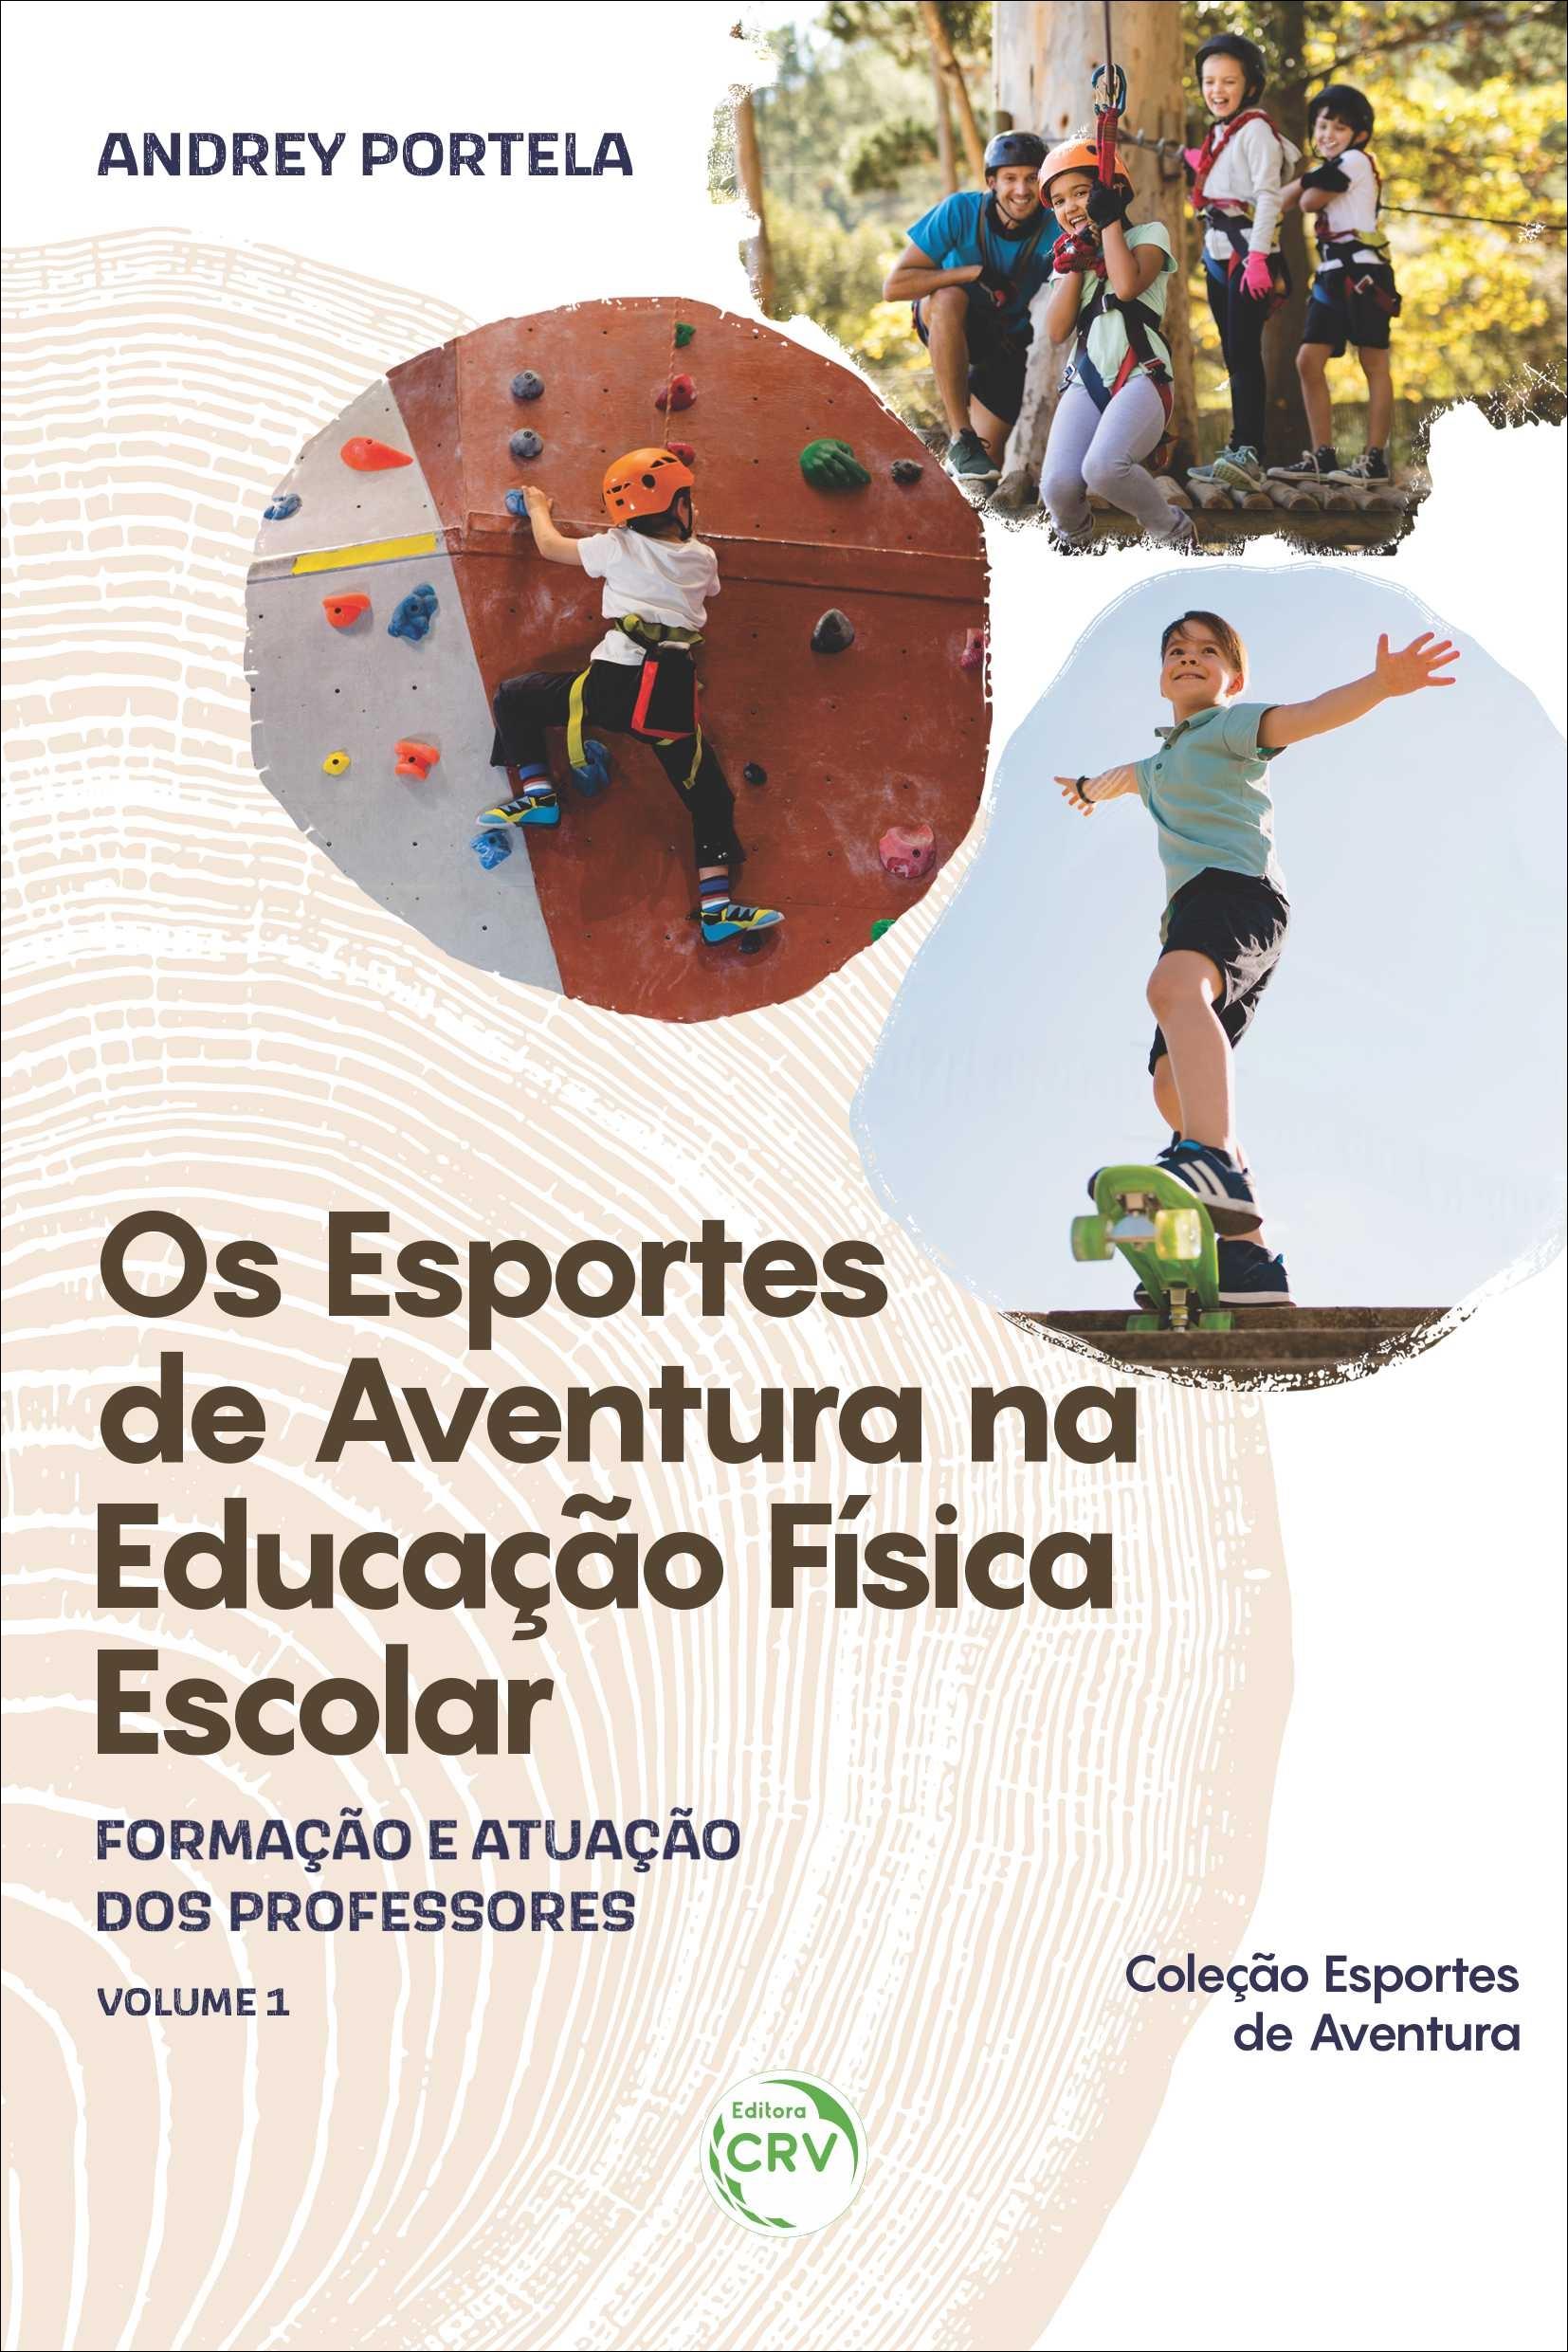 Capa do livro: OS ESPORTES DE AVENTURA NA EDUCAÇÃO FÍSICA ESCOLAR: <br>formação e atuação dos professores <br> <br>Coleção Esportes de Aventura Volume 1